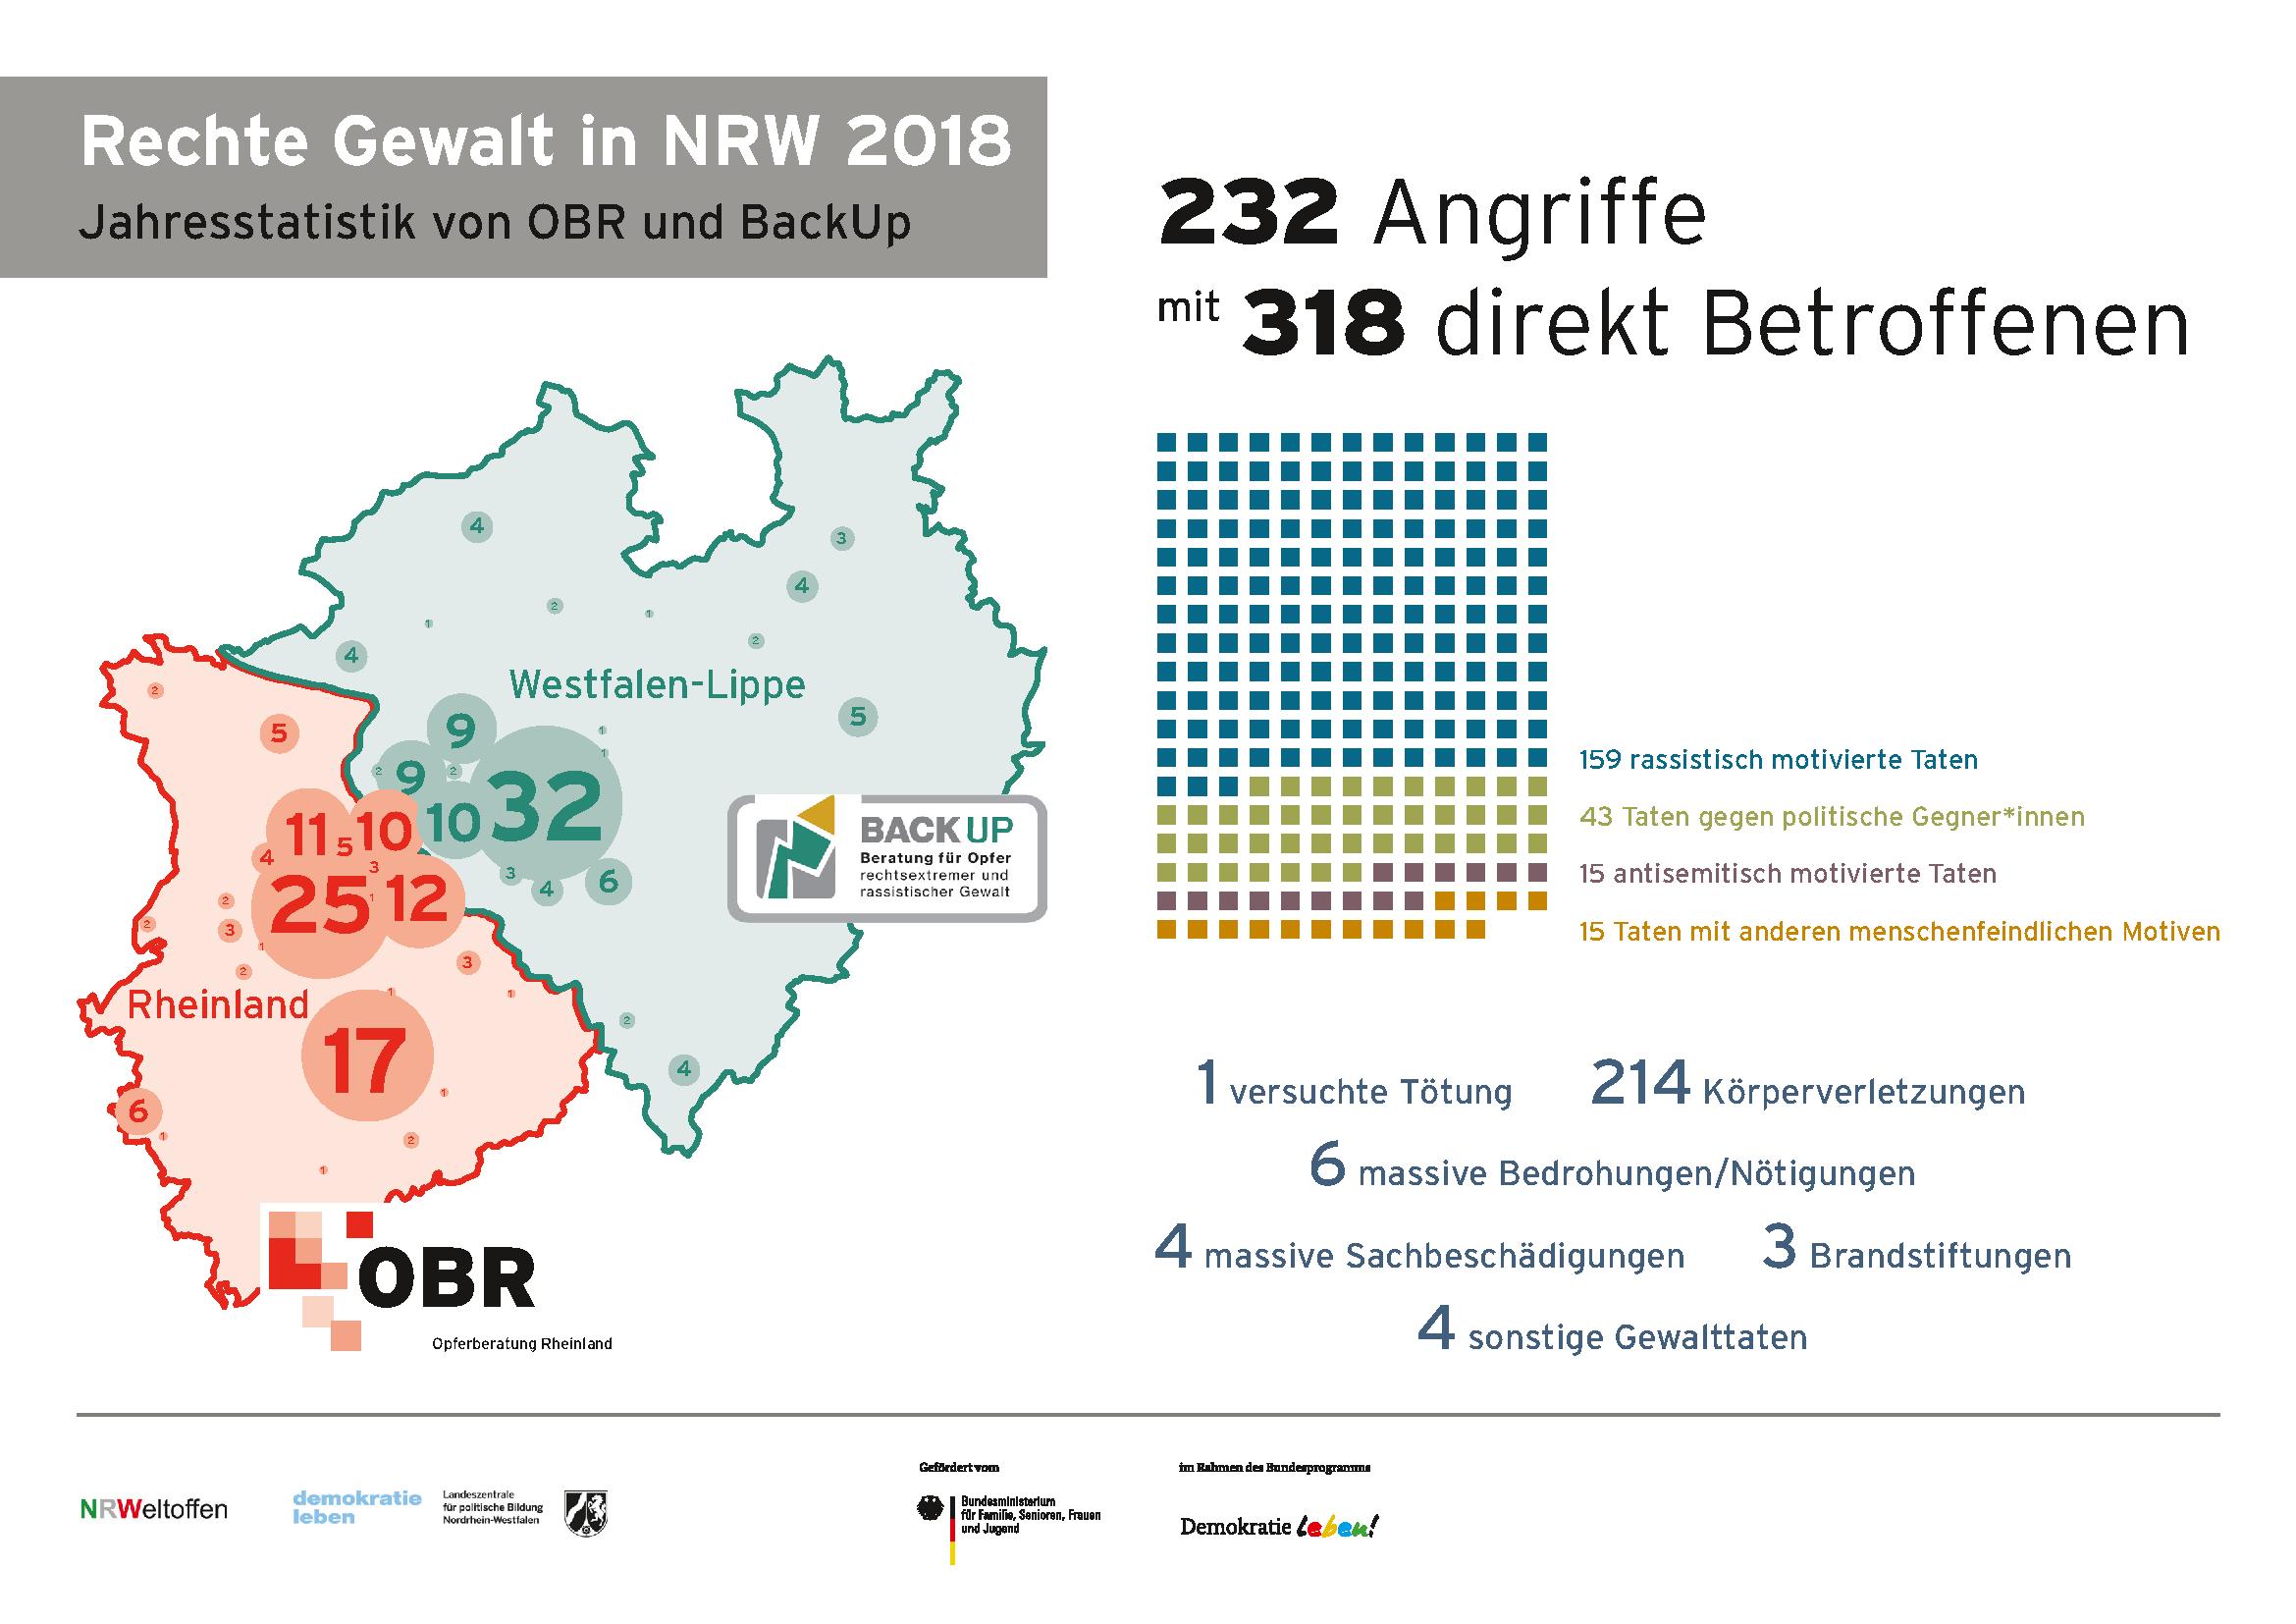 Rechte Gewalt ist in NRW sprunghaft gestiegen: Gewalttäter*innen fühlen sich durch zunehmenden rassistischen Diskurs legitimiert